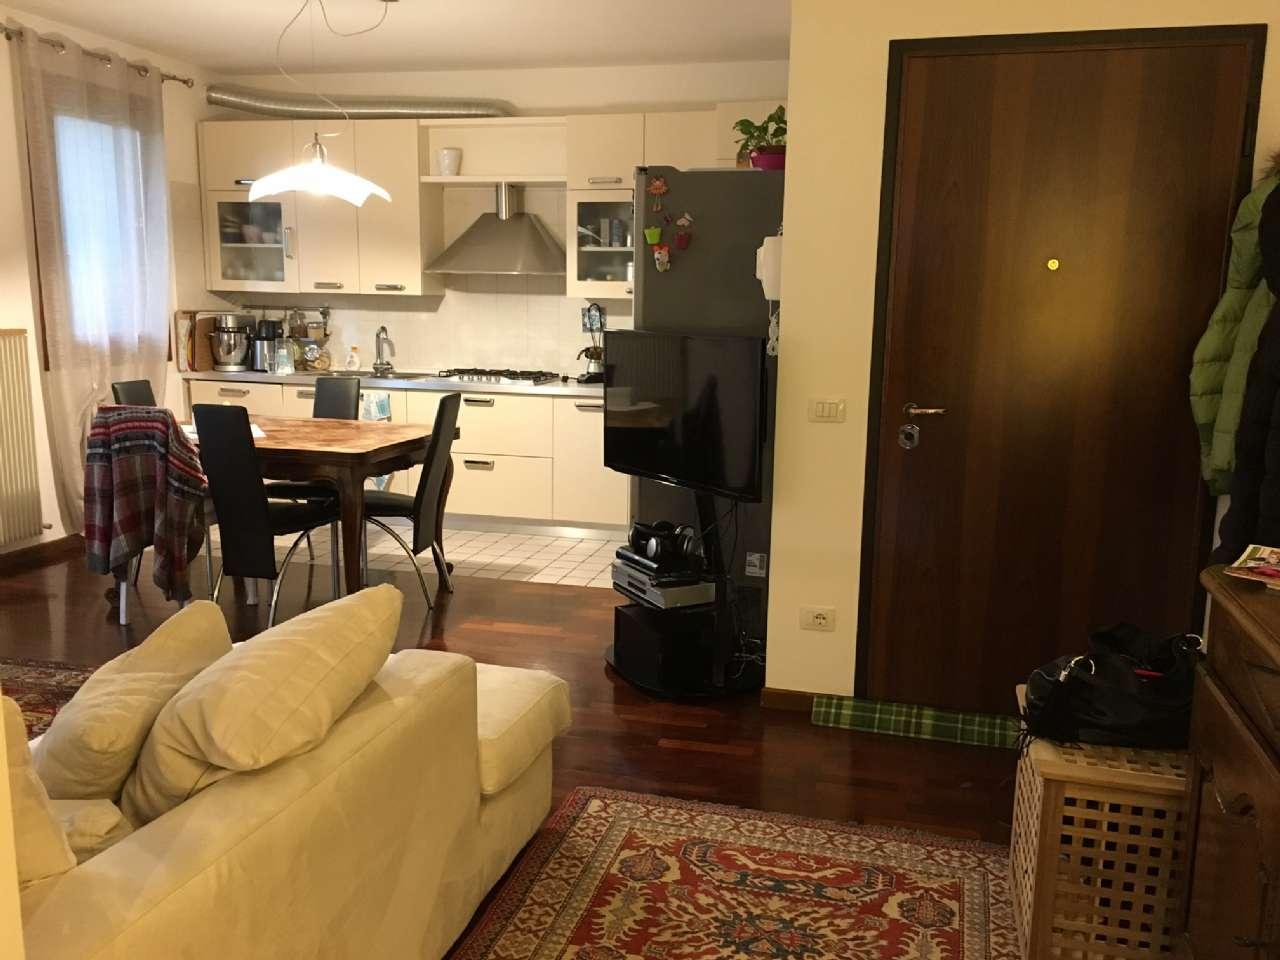 Appartamento in vendita a Silea, 5 locali, zona Zona: Cendon, prezzo € 129.000 | Cambio Casa.it